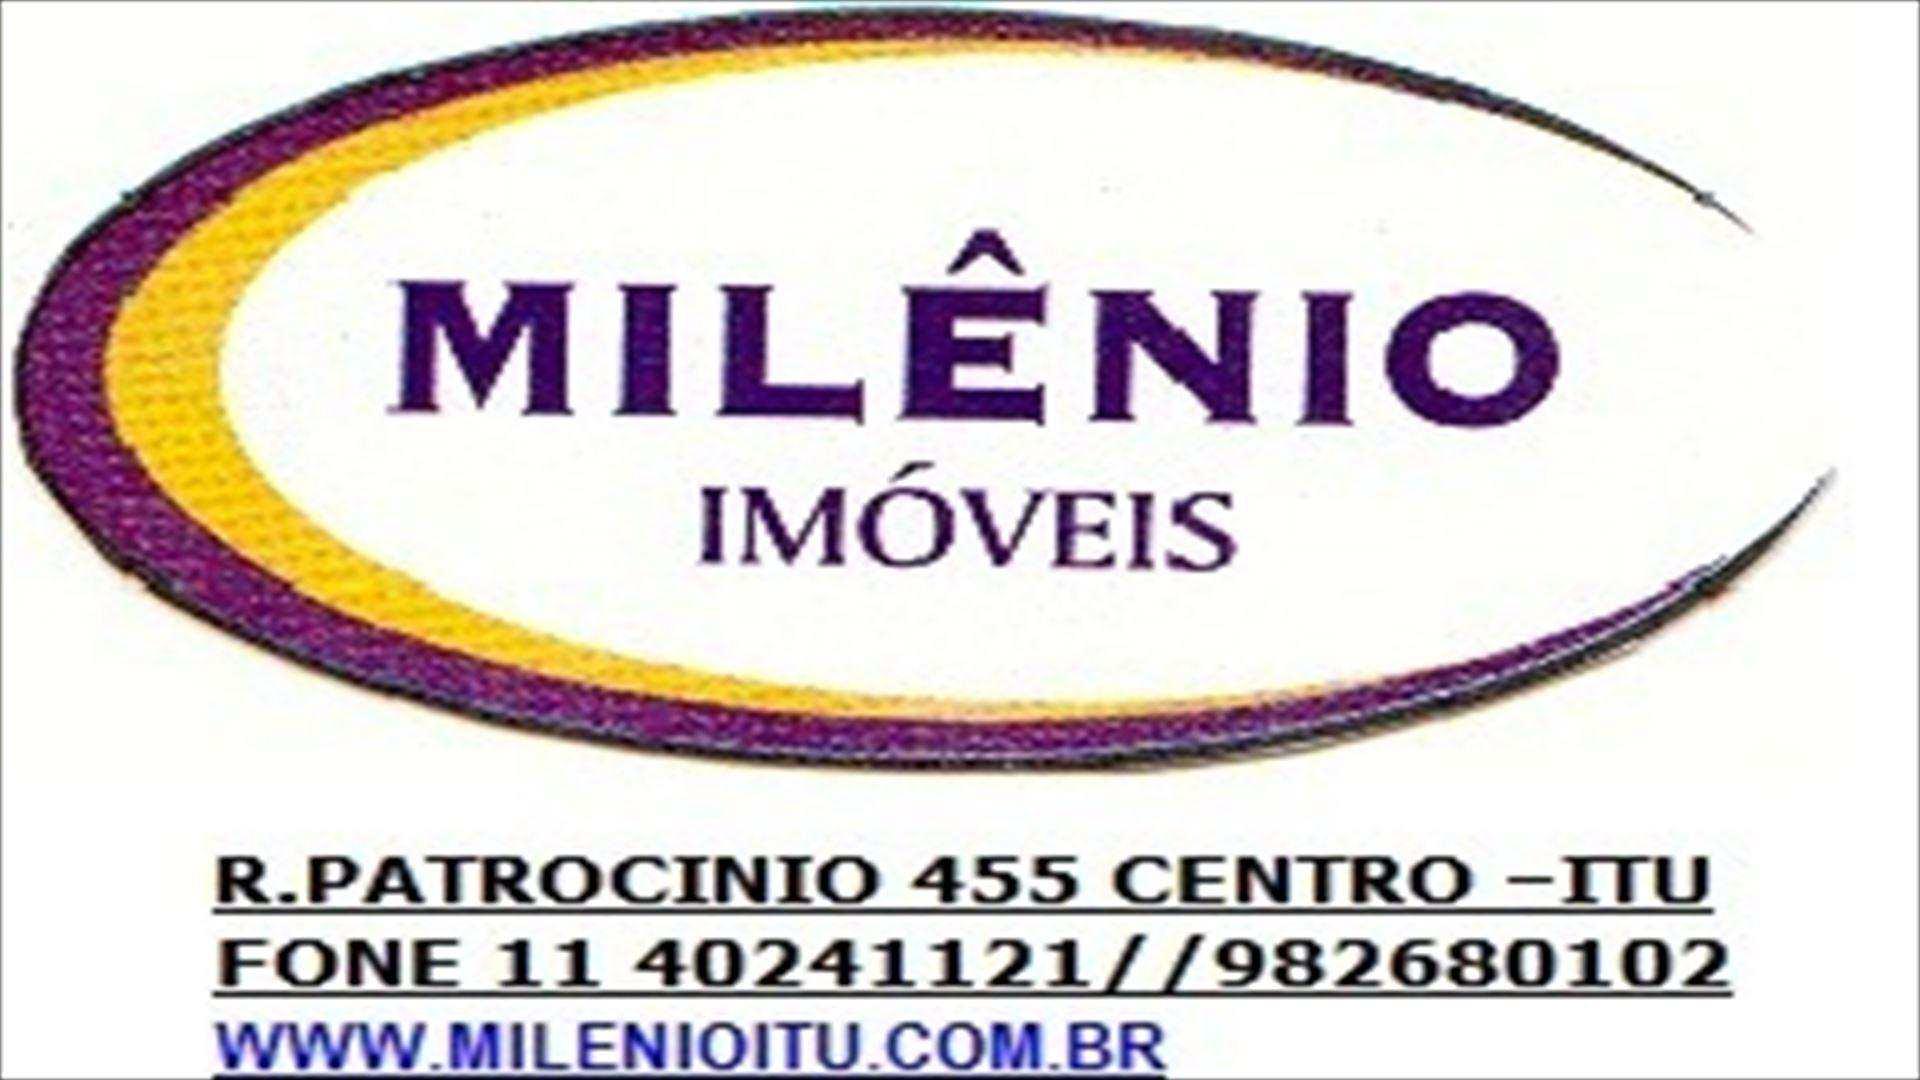 190300-LOGO_TIPO_MILENIO1.jpg